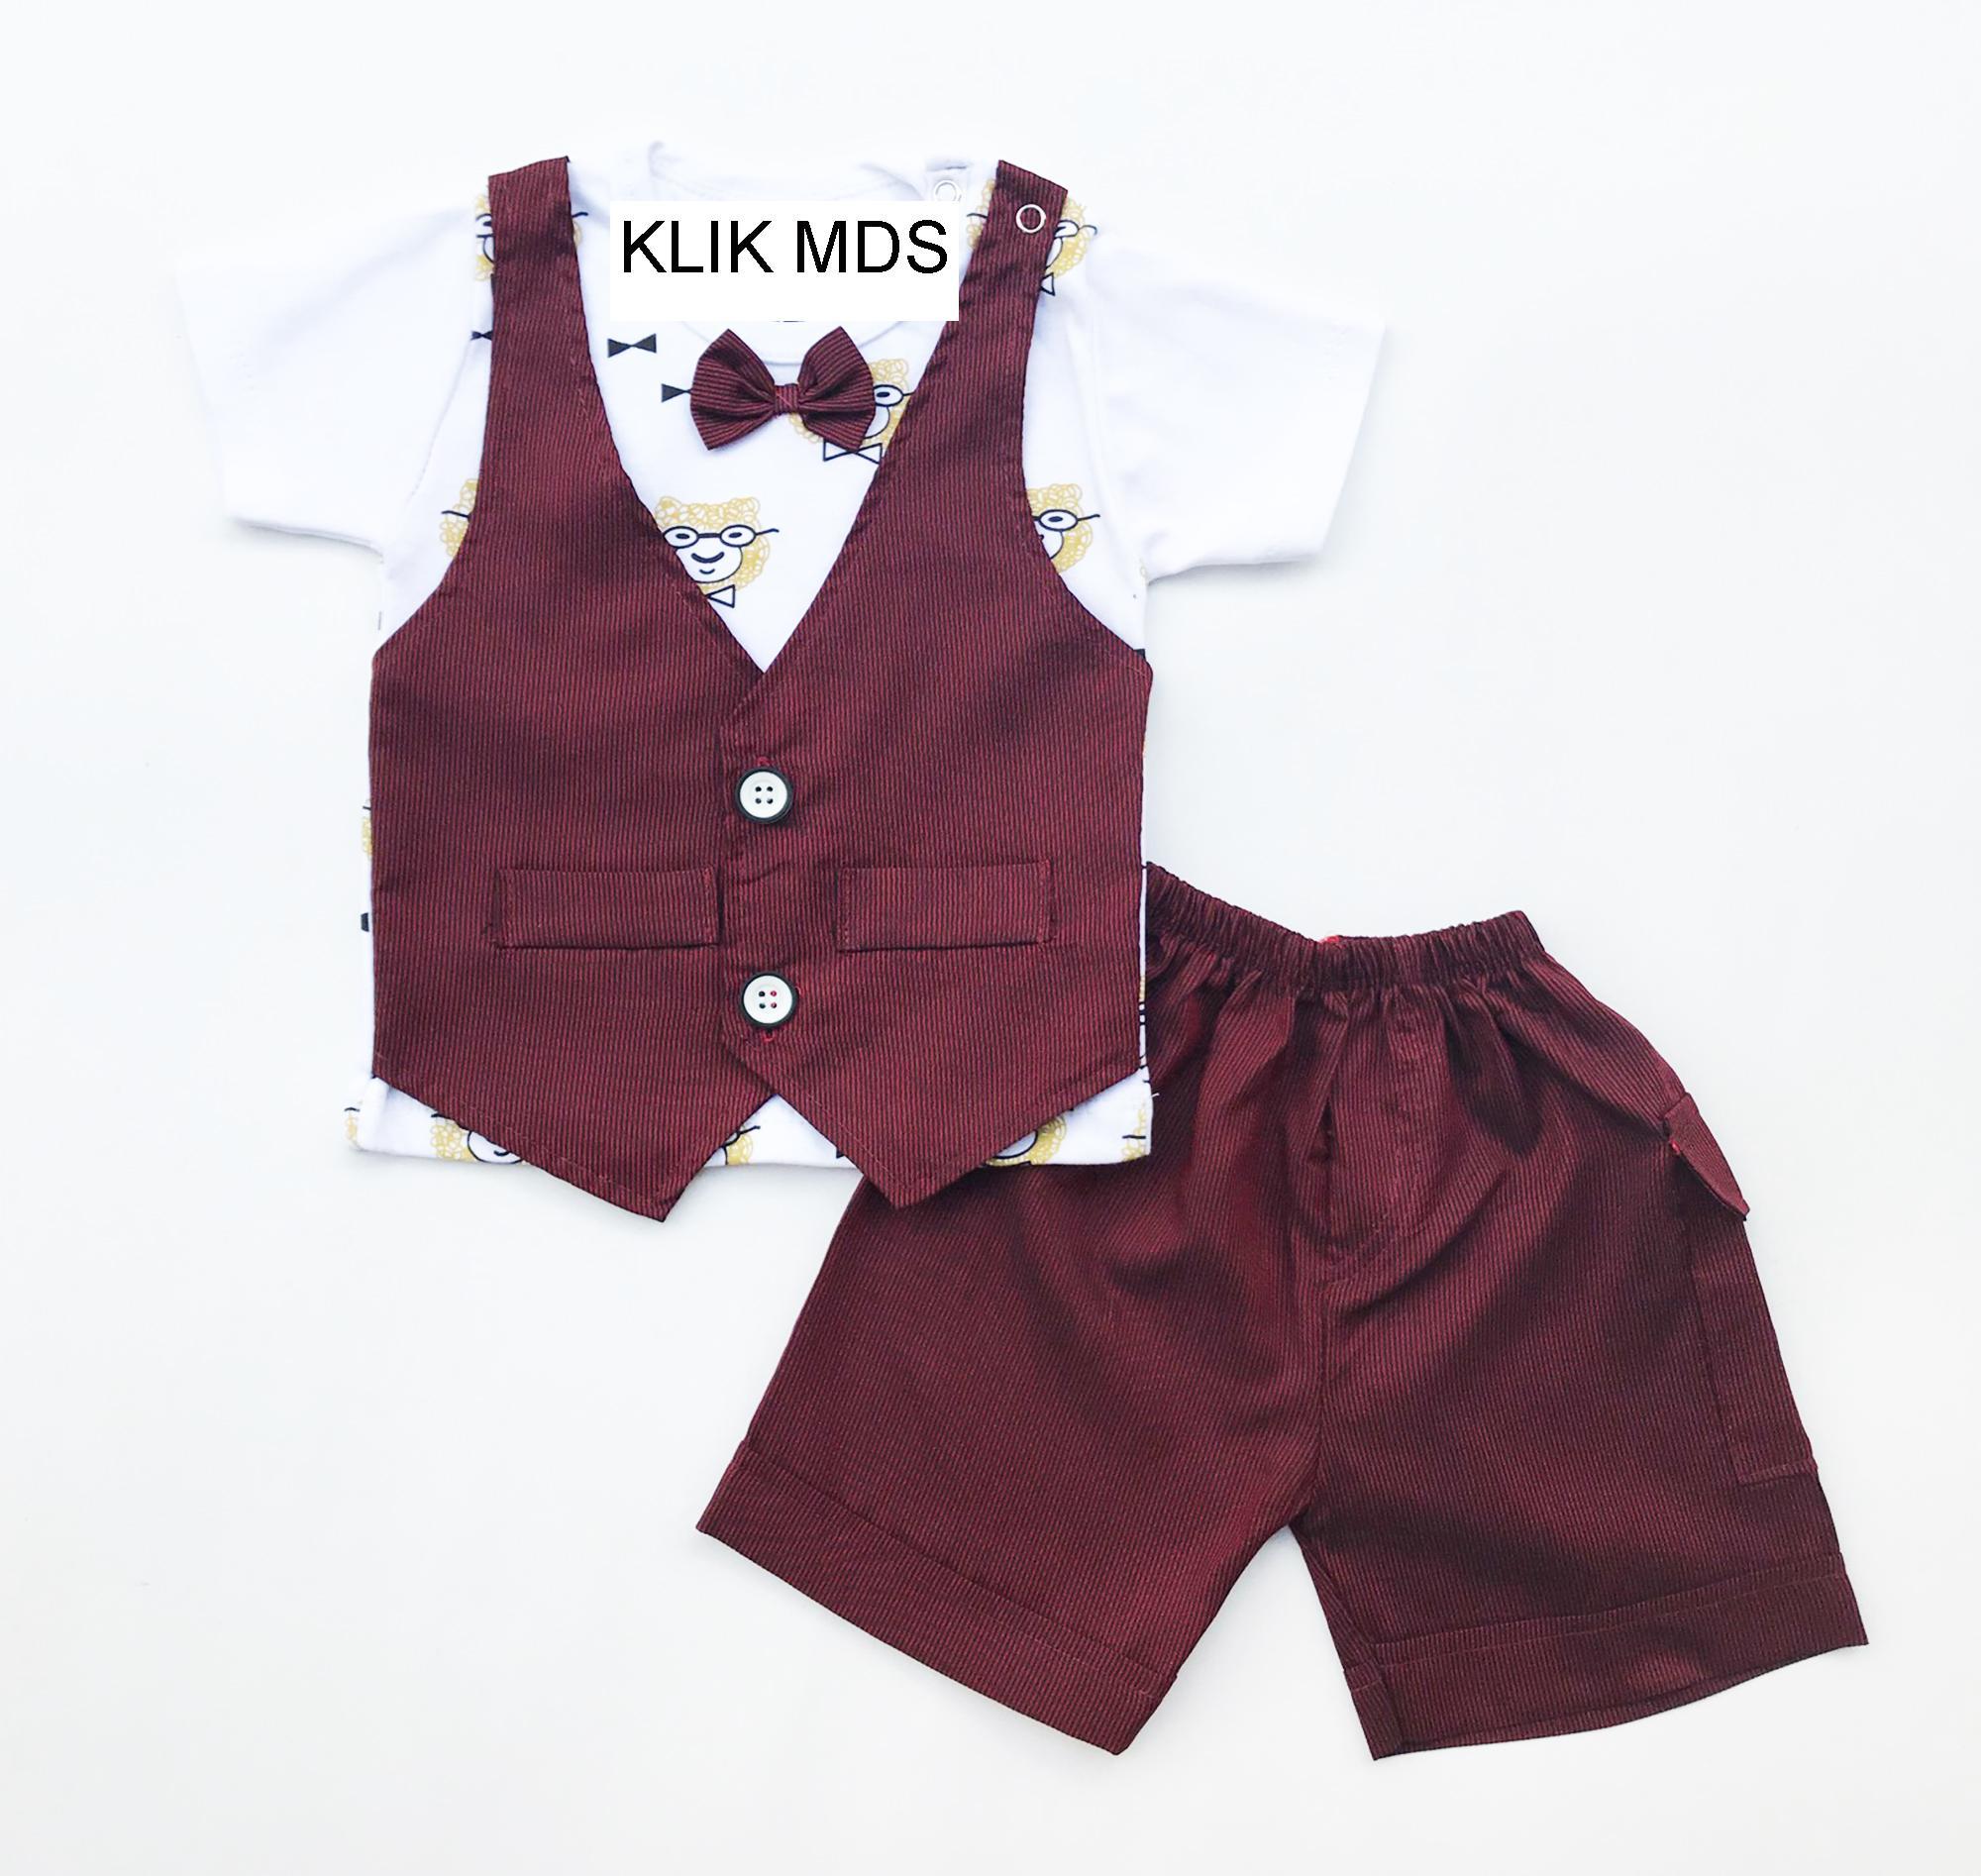 Klik Mds Baju Setelan Anak Bayi Lelaki Motif Beruang Rompi Salur dan Celana Motif Salur Dengan Dasi Kupu-Kupu